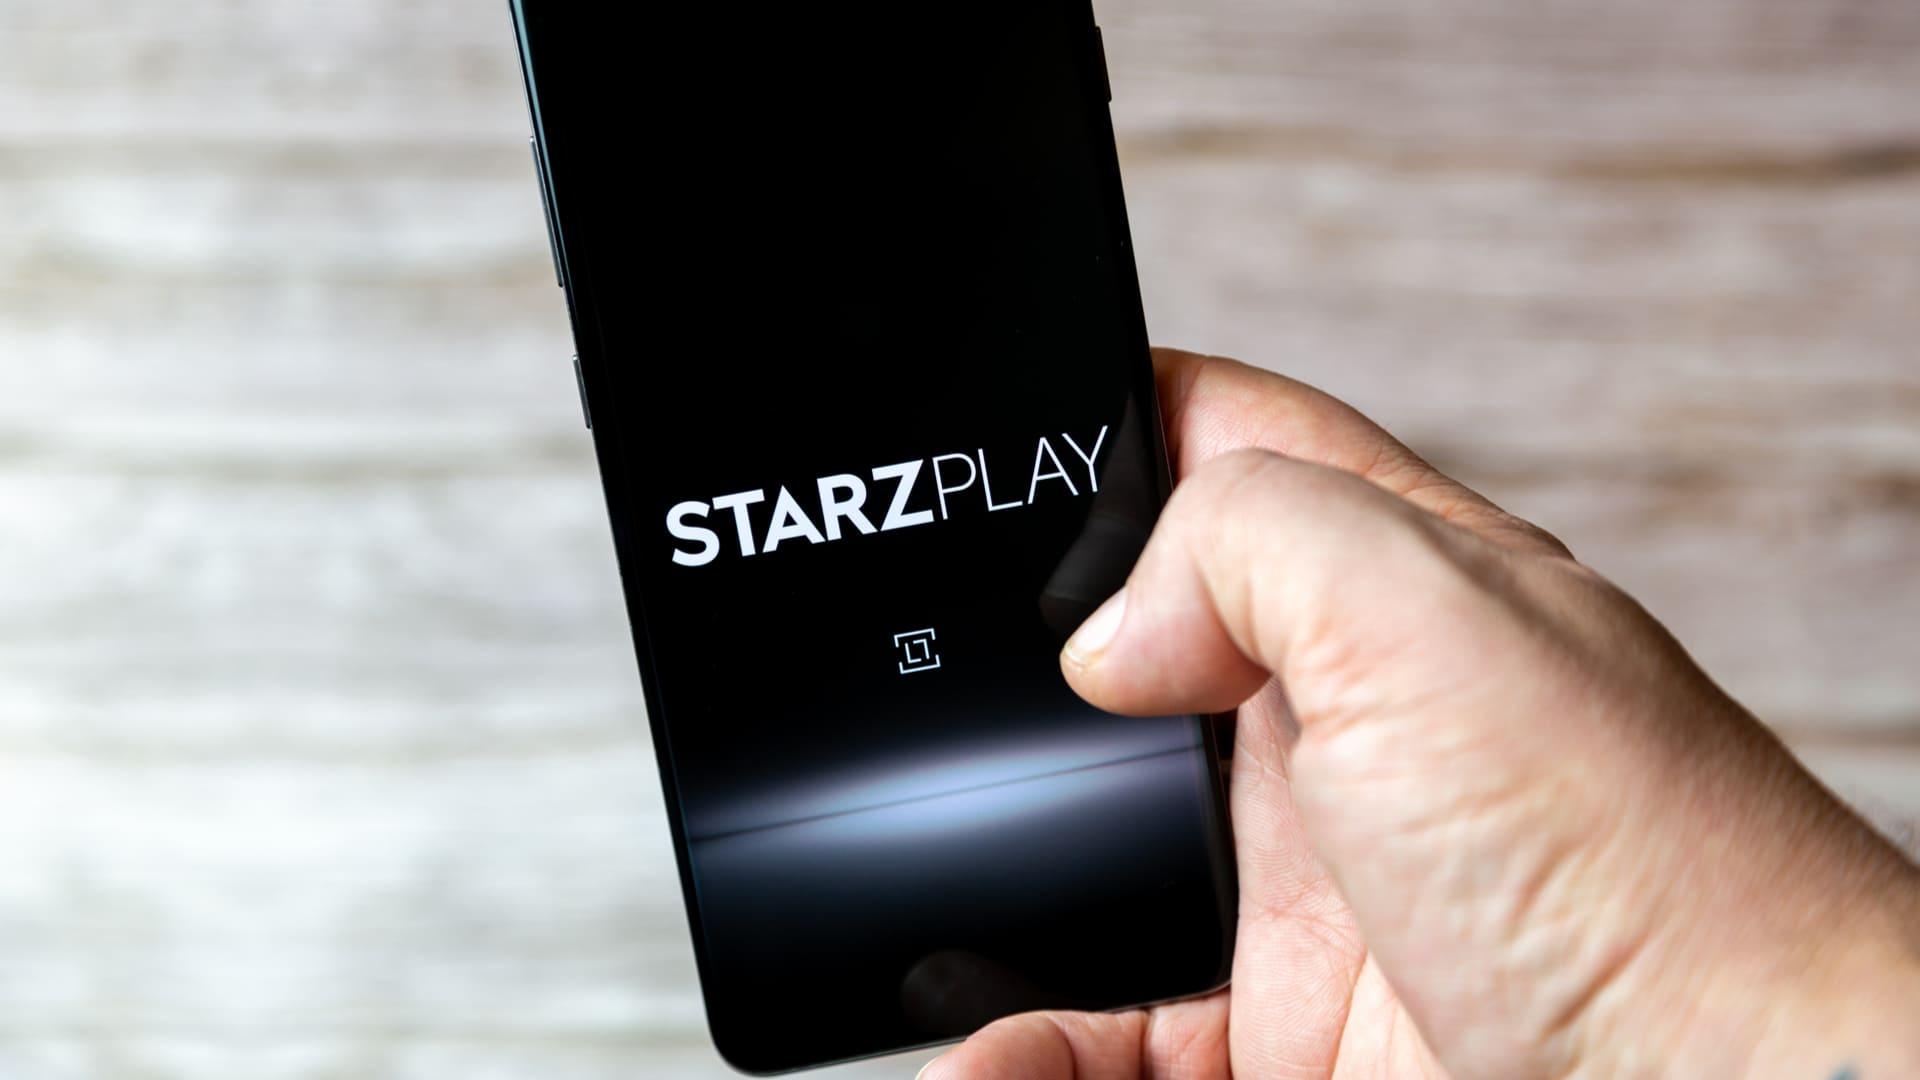 Celular com a logomarca do StarzPlay aberta em fundo preto, enquanto uma mão segura o dispositivo móvel.